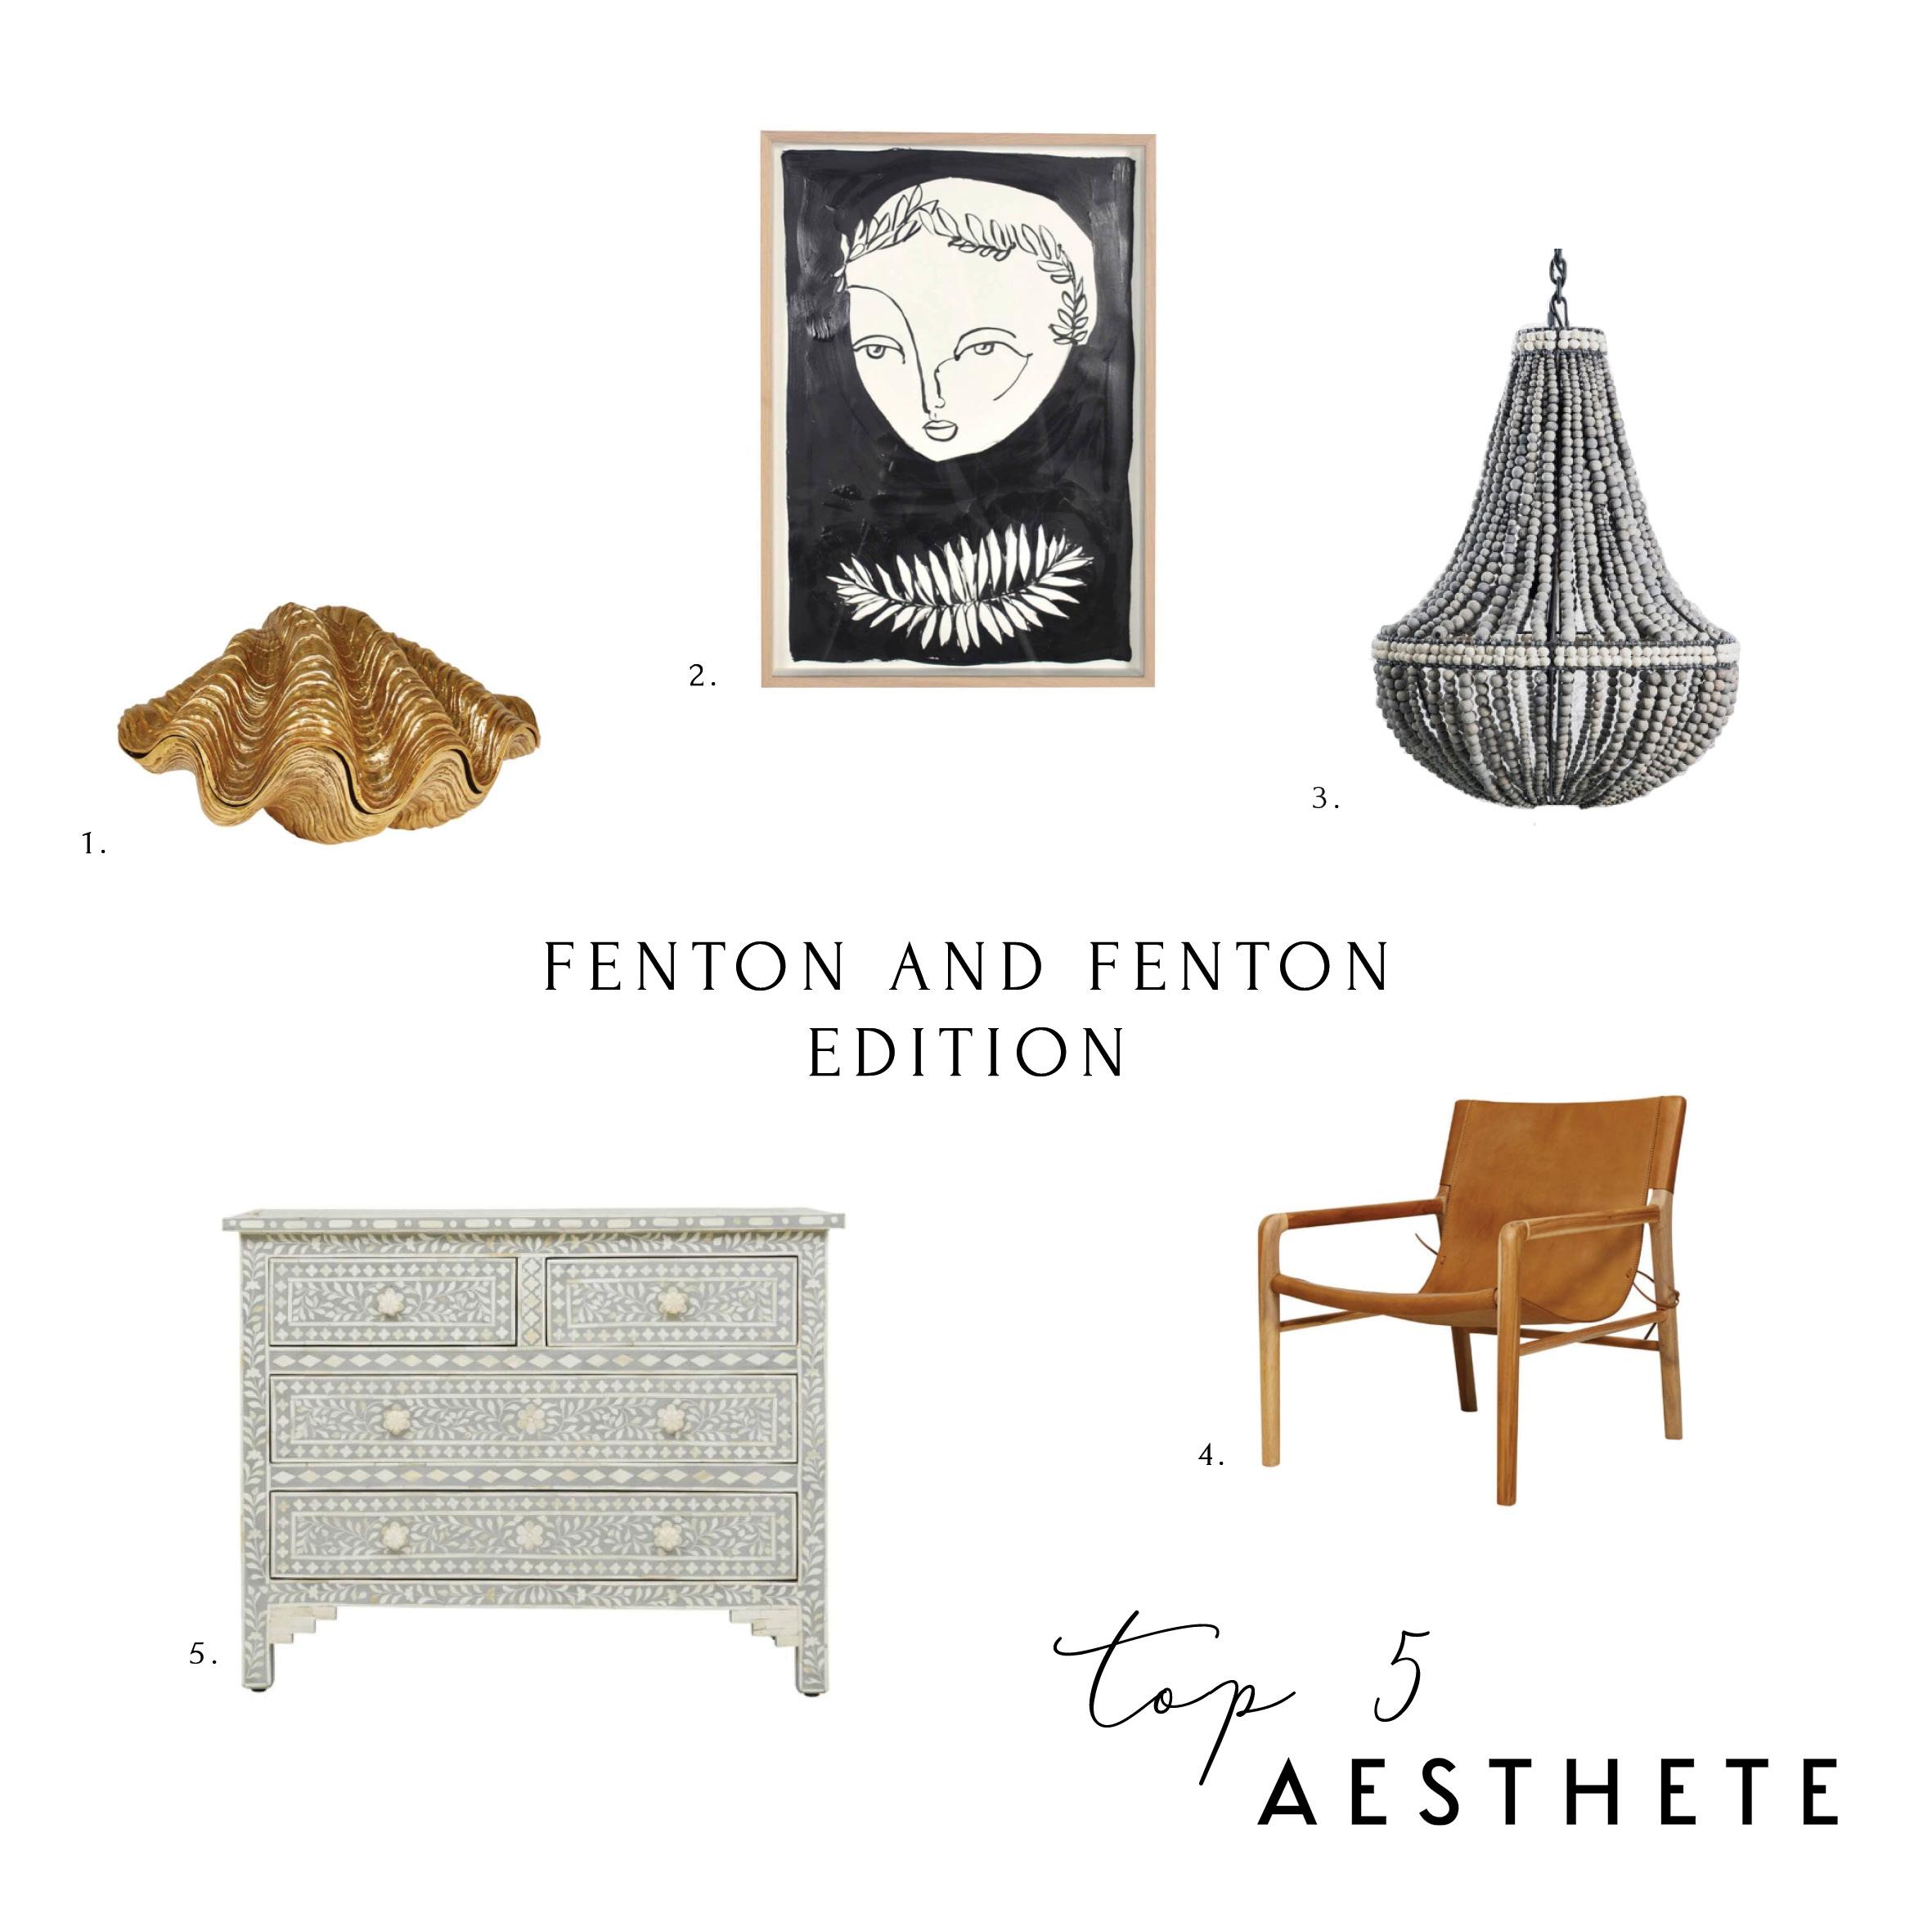 Aesthete Top 5 Fenton and Fenton